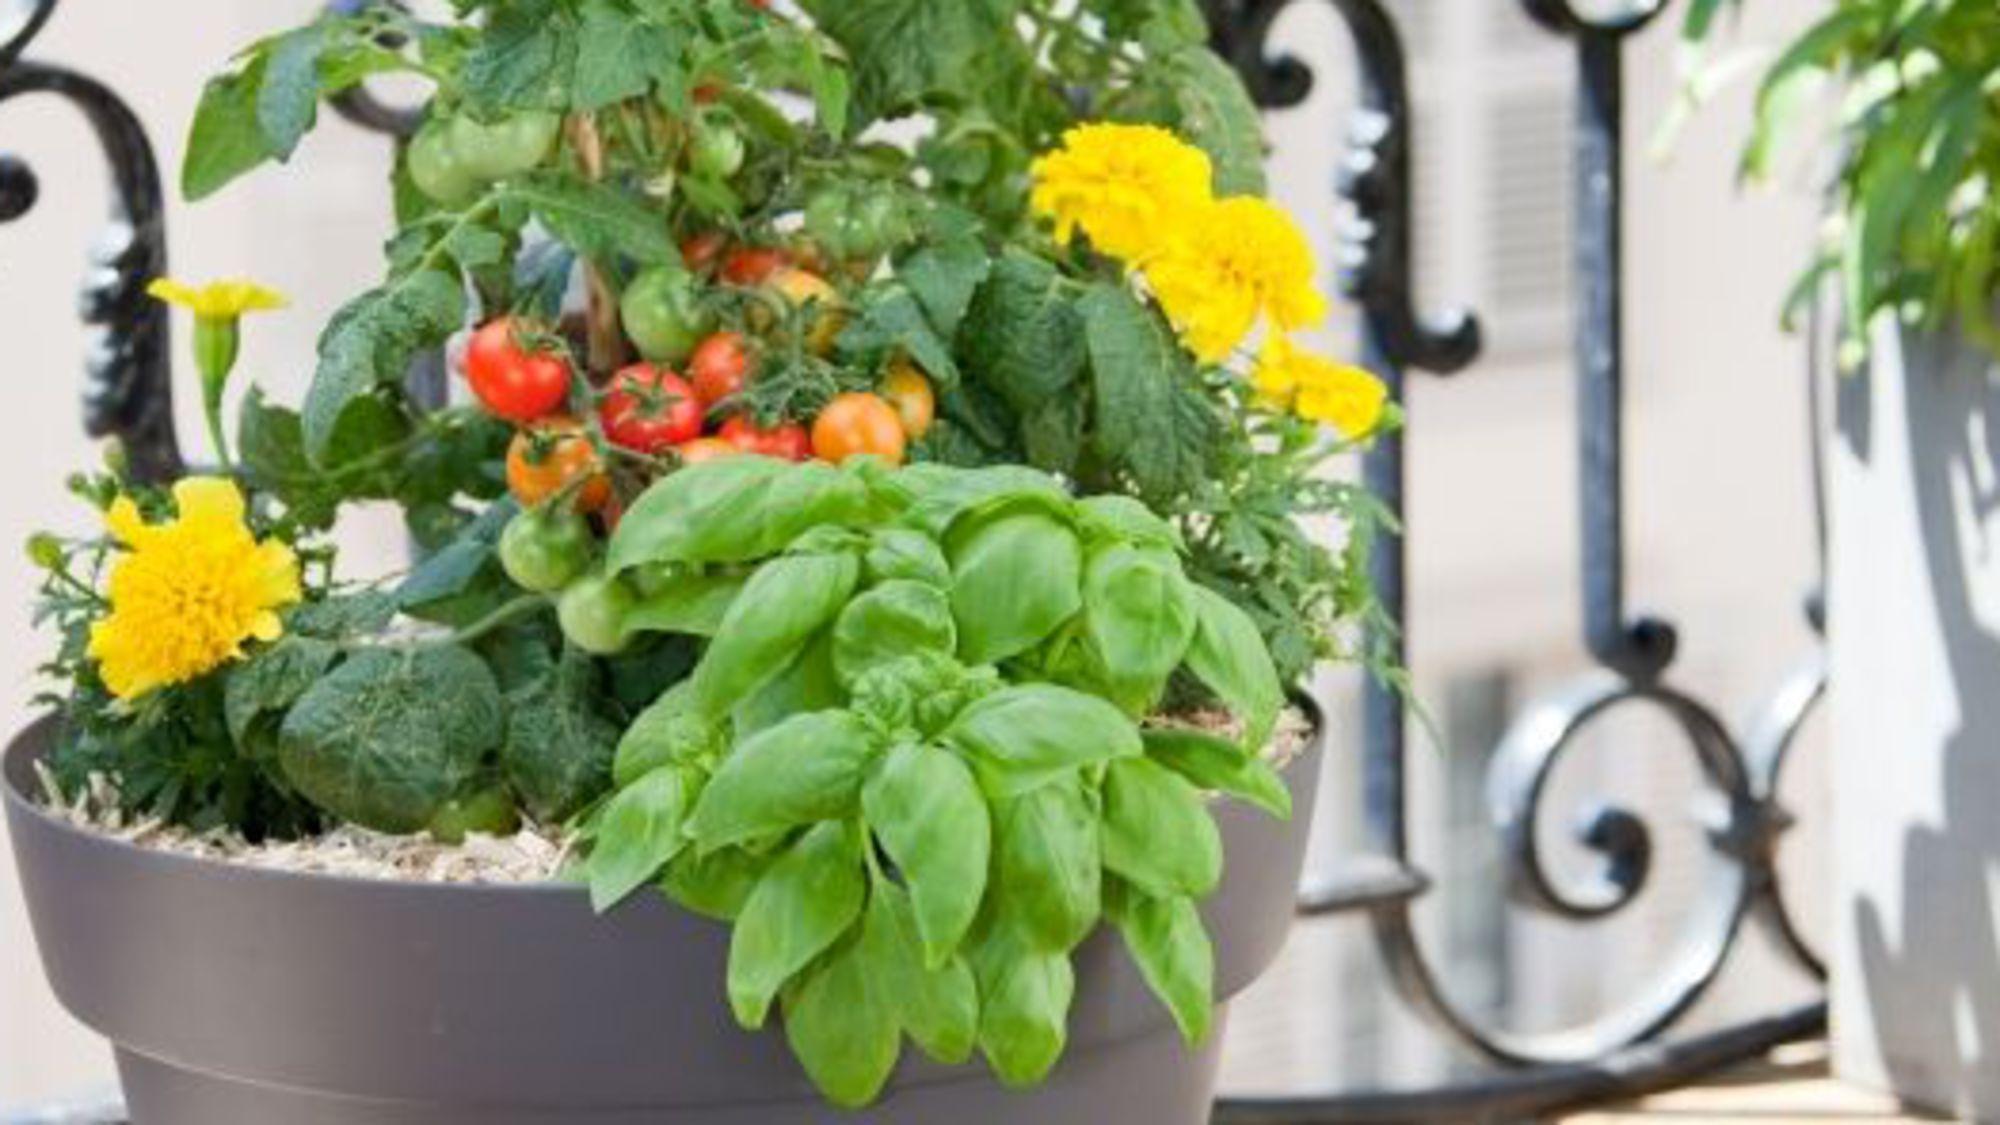 Planter des tomates cerises en pot : comment faire ? | Planter des tomates cerises, Comment ...